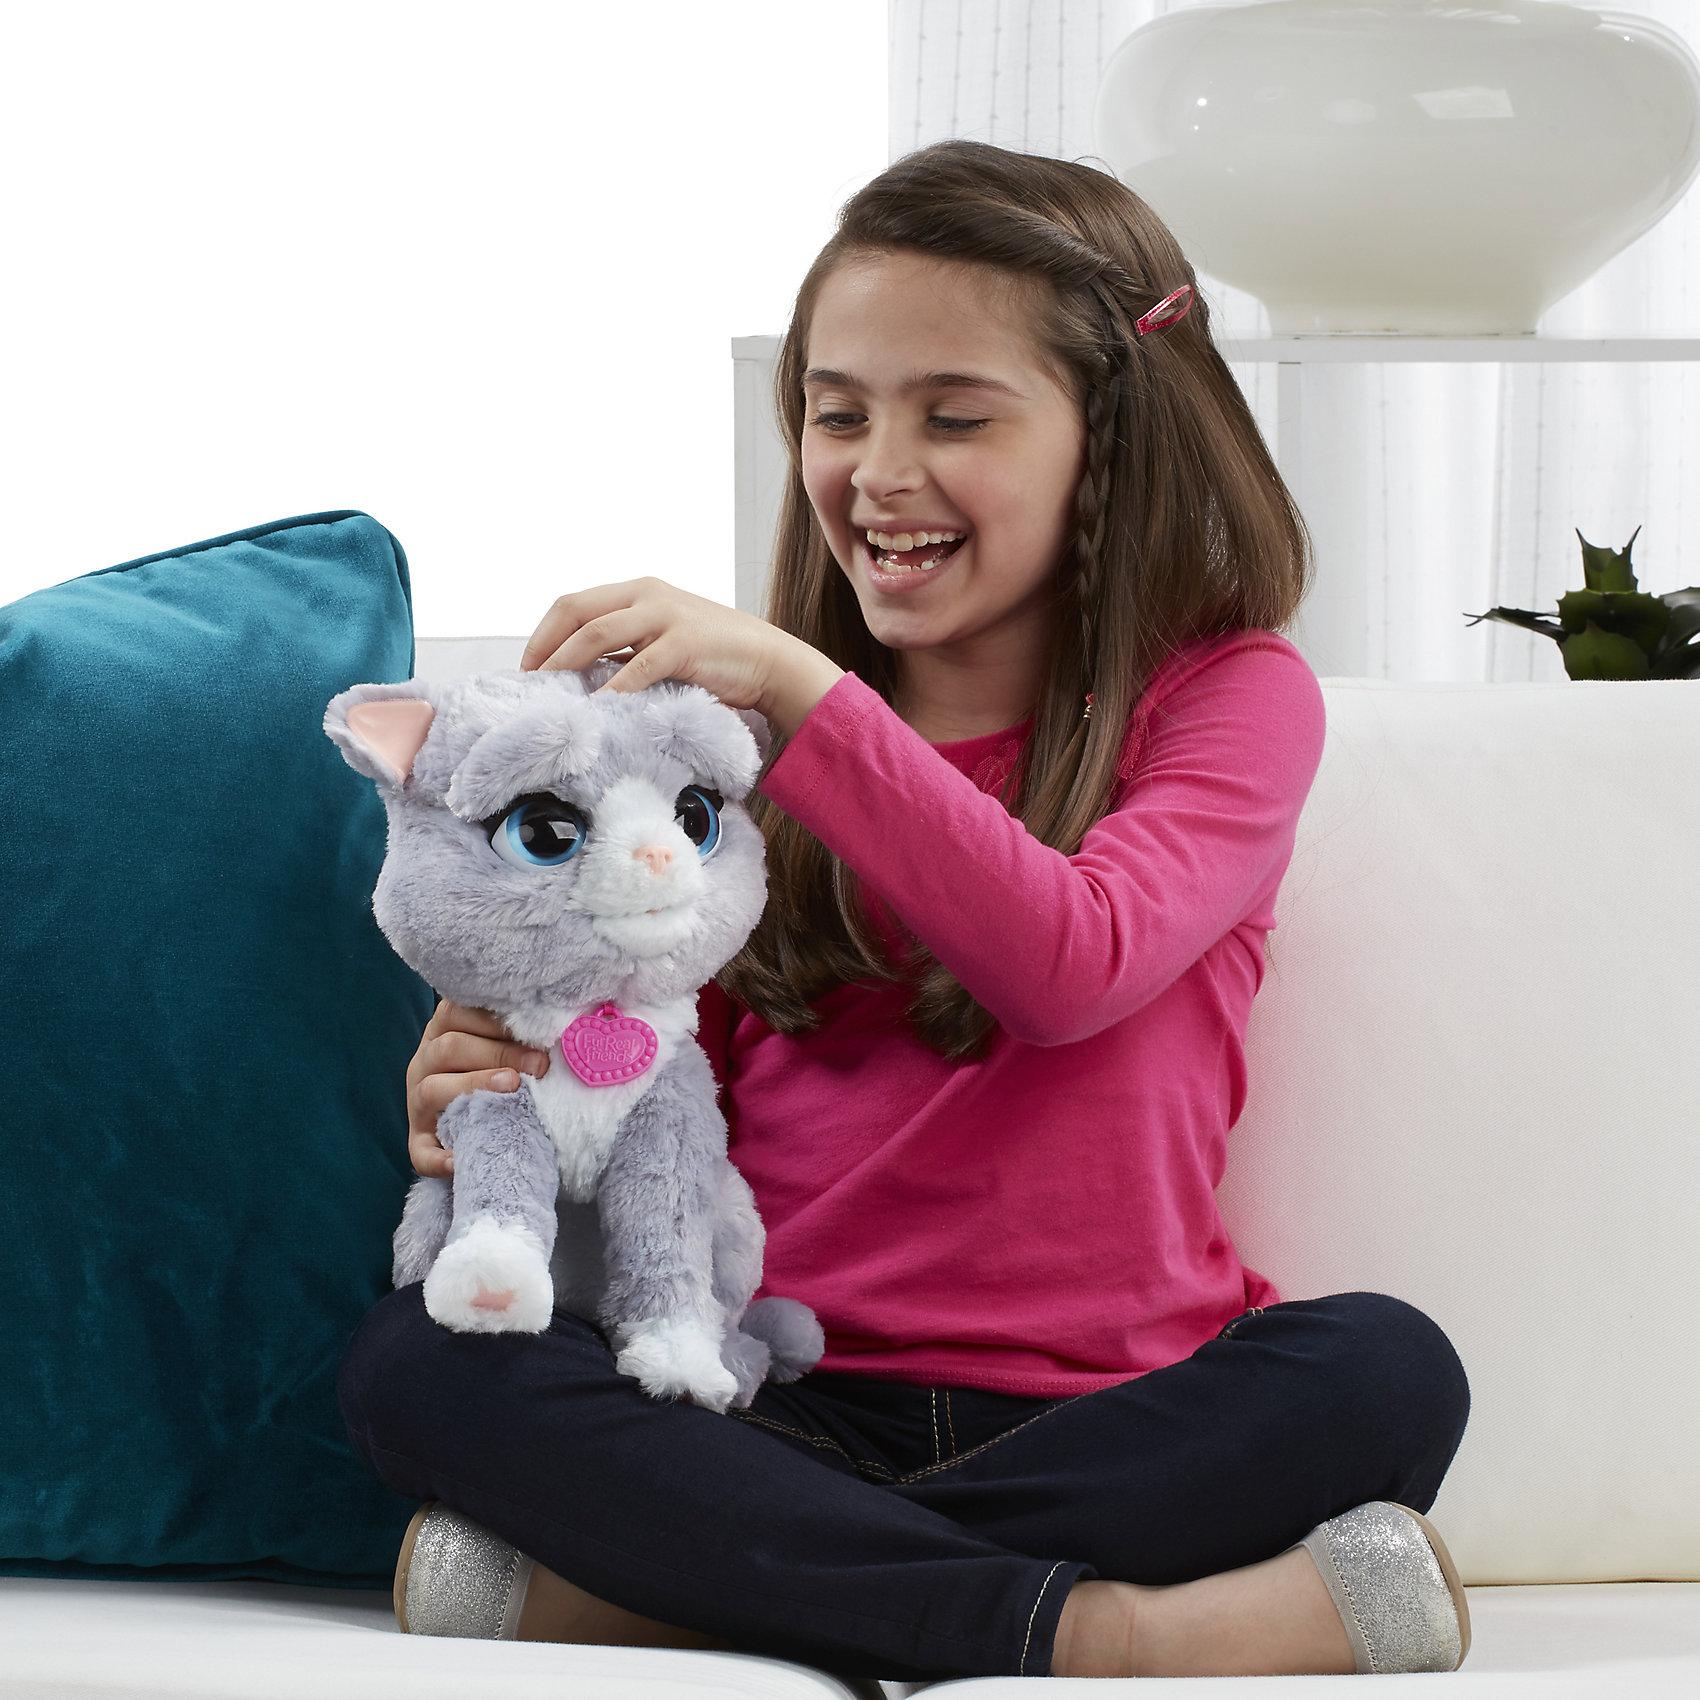 Интерактивный котенок Бутси, FurReal FriendsКошки и собаки<br>Интерактивный котенок Бутси из серии FurReal Friends от компании Hasbro - это игрушка, которая может менять настроение во время игры. Функционал игрушки очень многообразный, поэтому ребенок может играть с ней часами напролет!<br>Котенка можно покормить; после того, как он получит угощение, его настроение резко поднимется, милый питомец станет веселым и будет готов играть дальше!<br>Бутси обладает 5 разными выражениями. Она такая смелая и умеет показывать, когда счастлива, грустит, любопытна, расстроена или немного злится! Бутси обожает, когда ее обнимают или щекочат.<br>Бутси любит своё угощение - рыбку! Есть функция TRY-ME!  <br><br>Дополнительная информация:<br><br>Цвет: серый с белым.<br>Комплект: интерактивный котенок, аксессуар в виде рыбки, инструкция.<br>Наличие батареек: входят в комплект.<br>Тип батареек: 4 х AA/LR6 1.5V (пальчиковые).<br>Из чего сделана игрушка (состав): плюш, текстиль, пластмасса.<br><br>Ширина мм: 357<br>Глубина мм: 330<br>Высота мм: 162<br>Вес г: 945<br>Возраст от месяцев: 48<br>Возраст до месяцев: 96<br>Пол: Женский<br>Возраст: Детский<br>SKU: 4786859